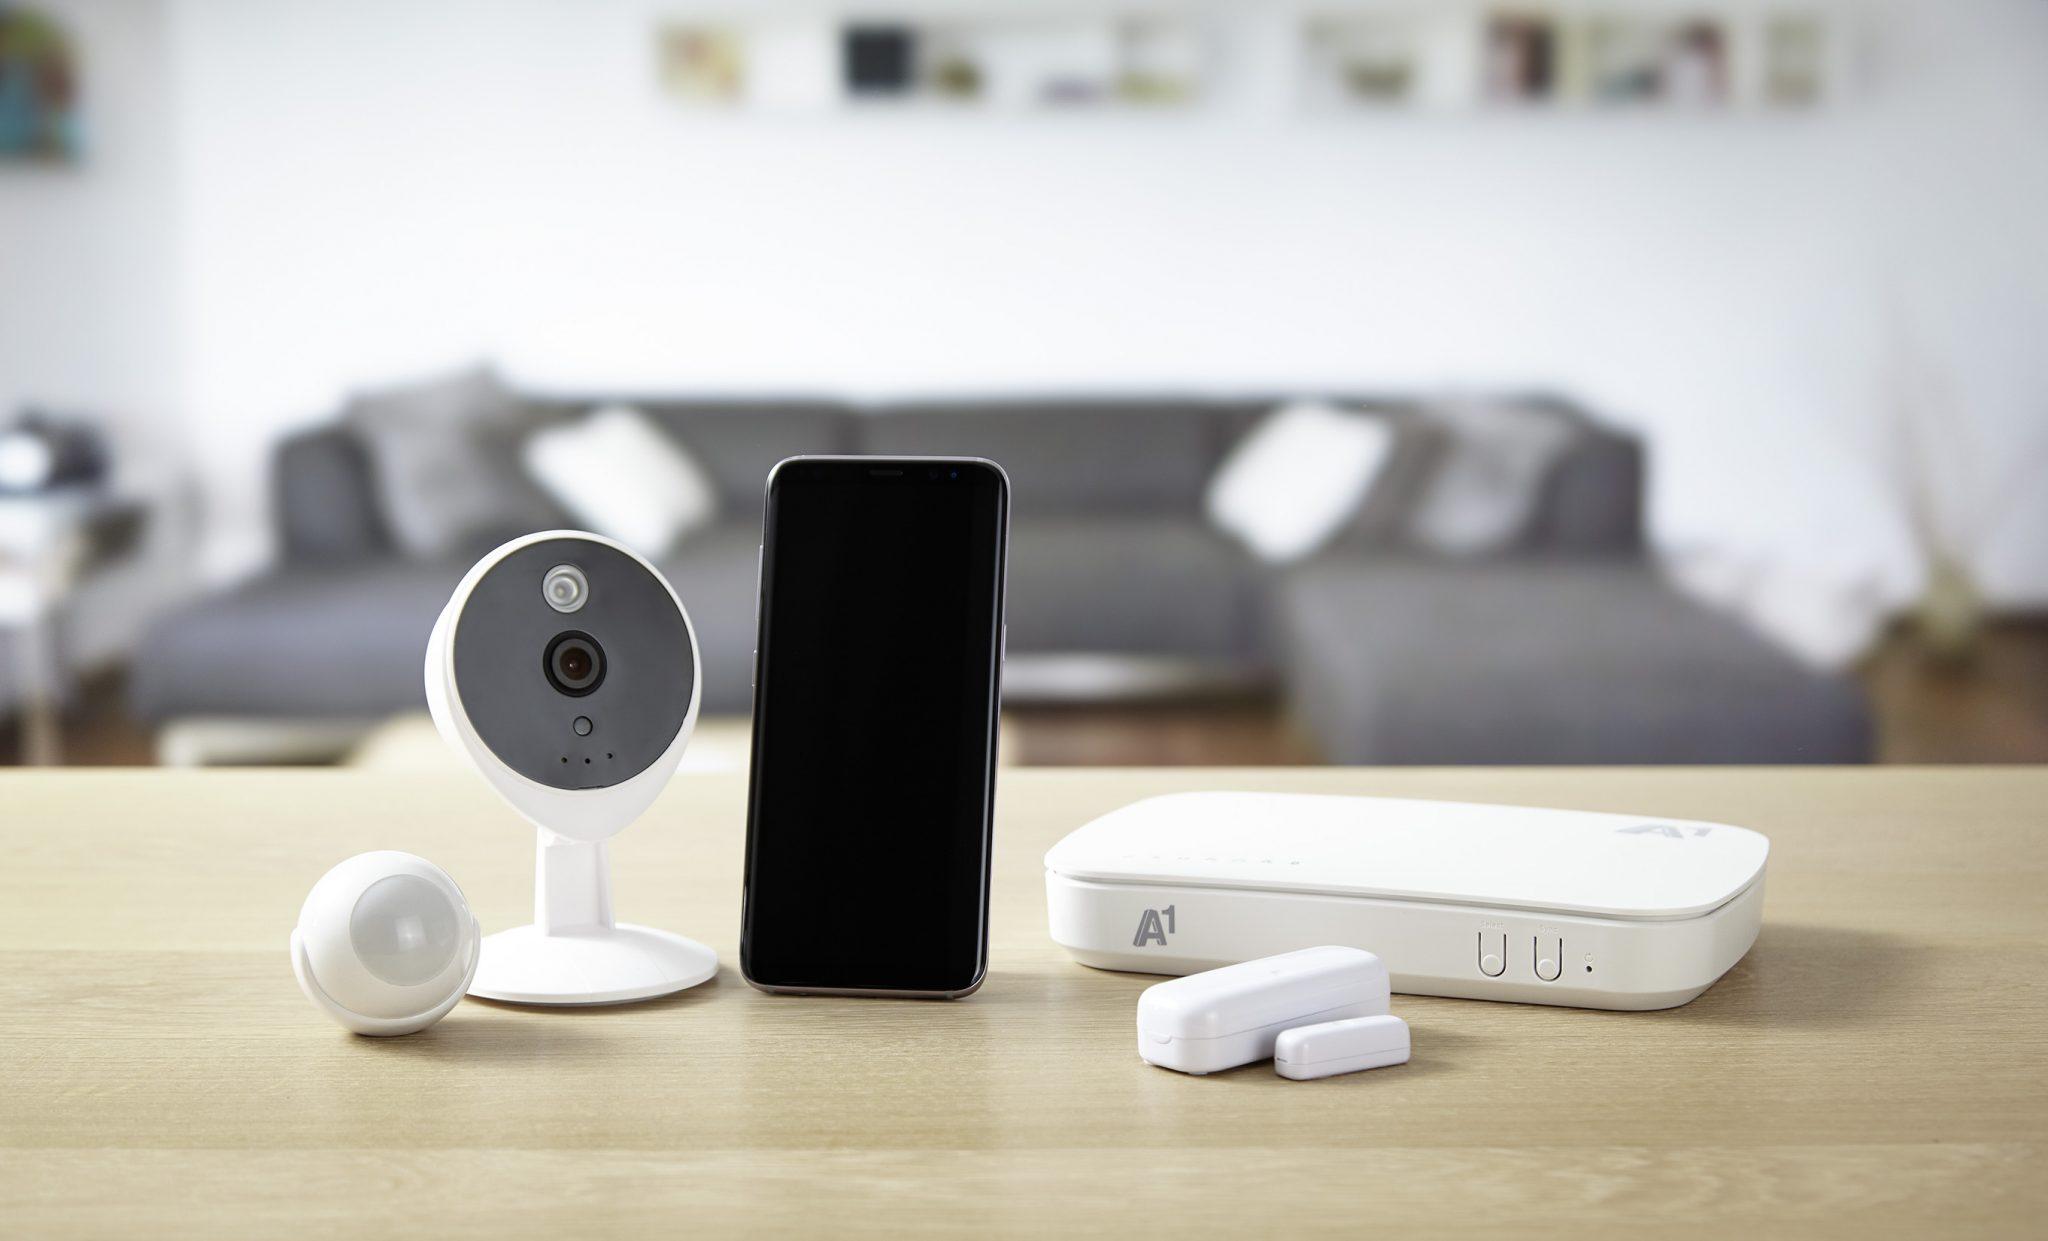 Wie A1 Smart Home Ihr Familienleben sicherer macht